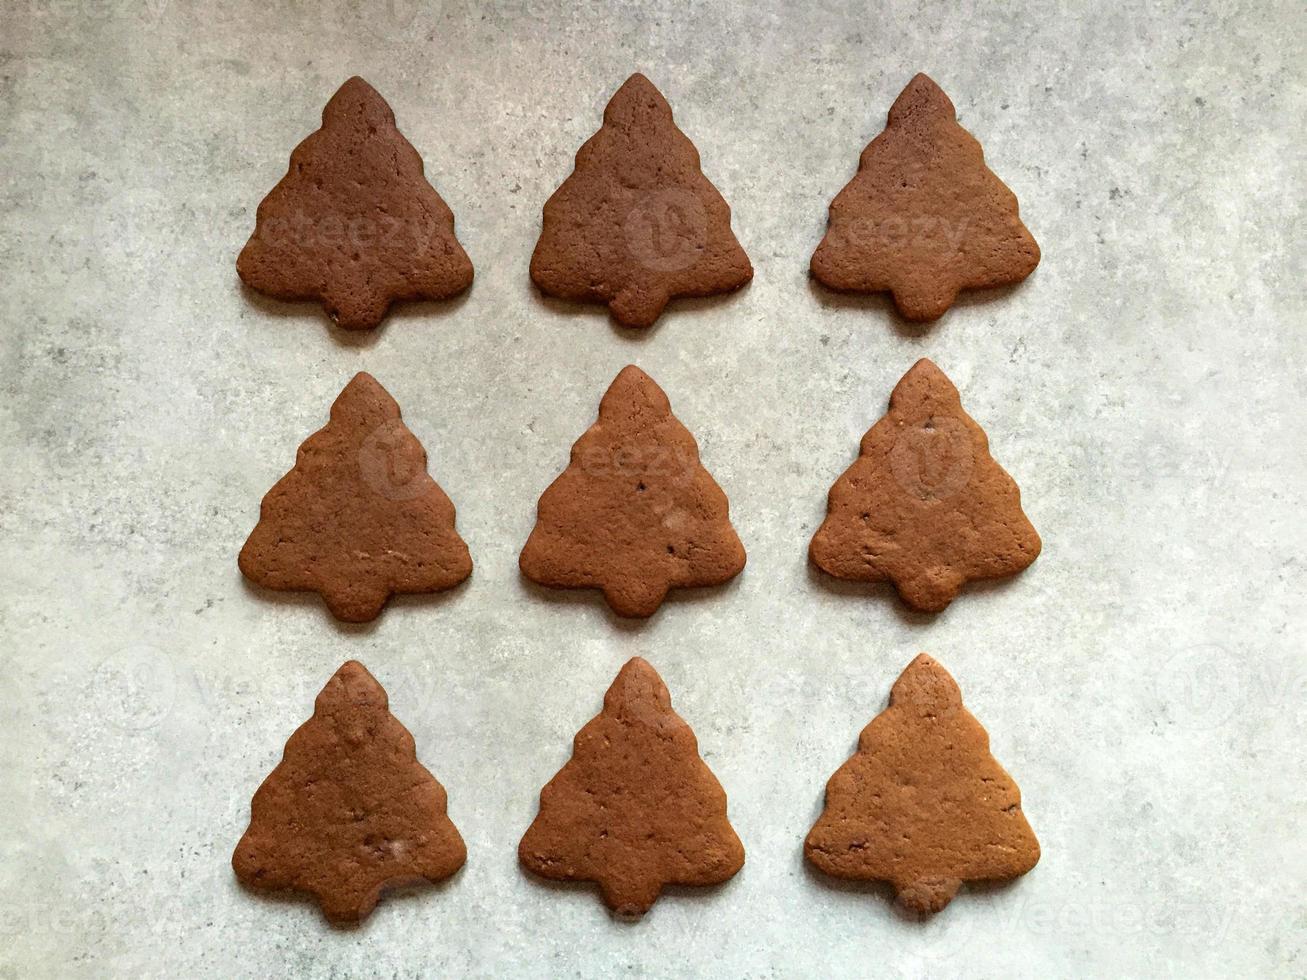 biscuits de Noël en pain d'épice en forme d'arbres sur le comptoir de la cuisine photo